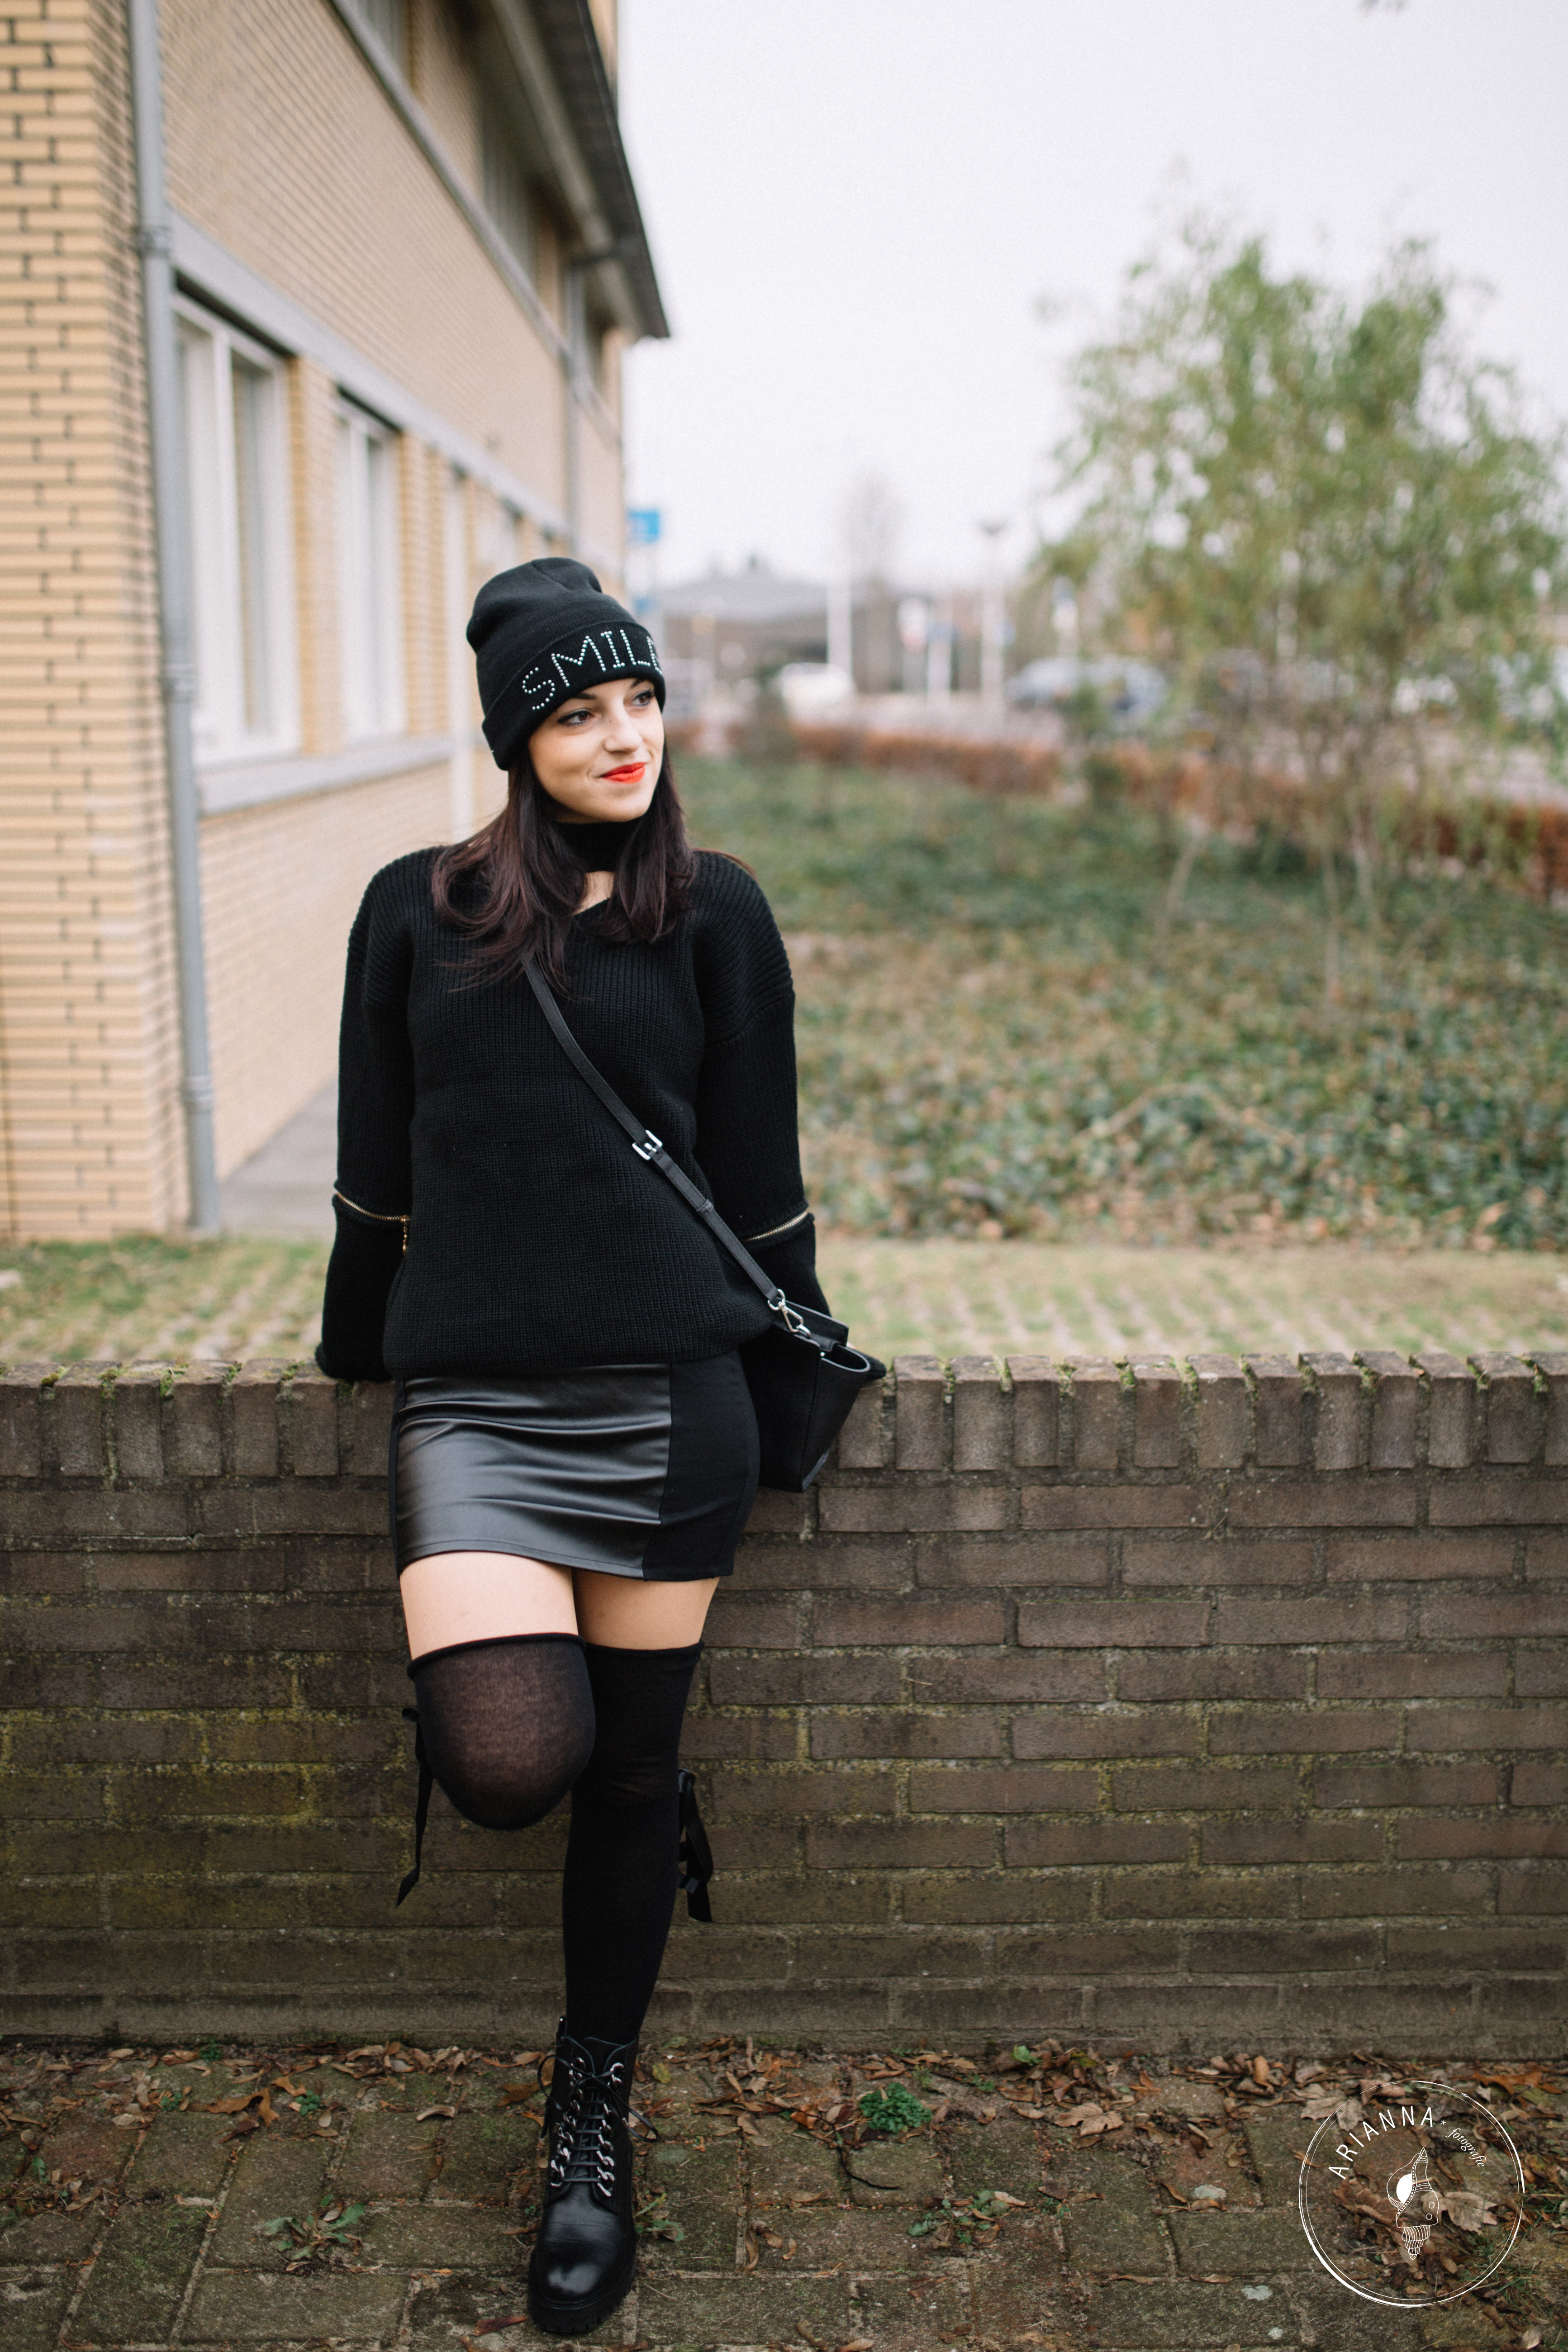 Come indossare le parigine con successo!